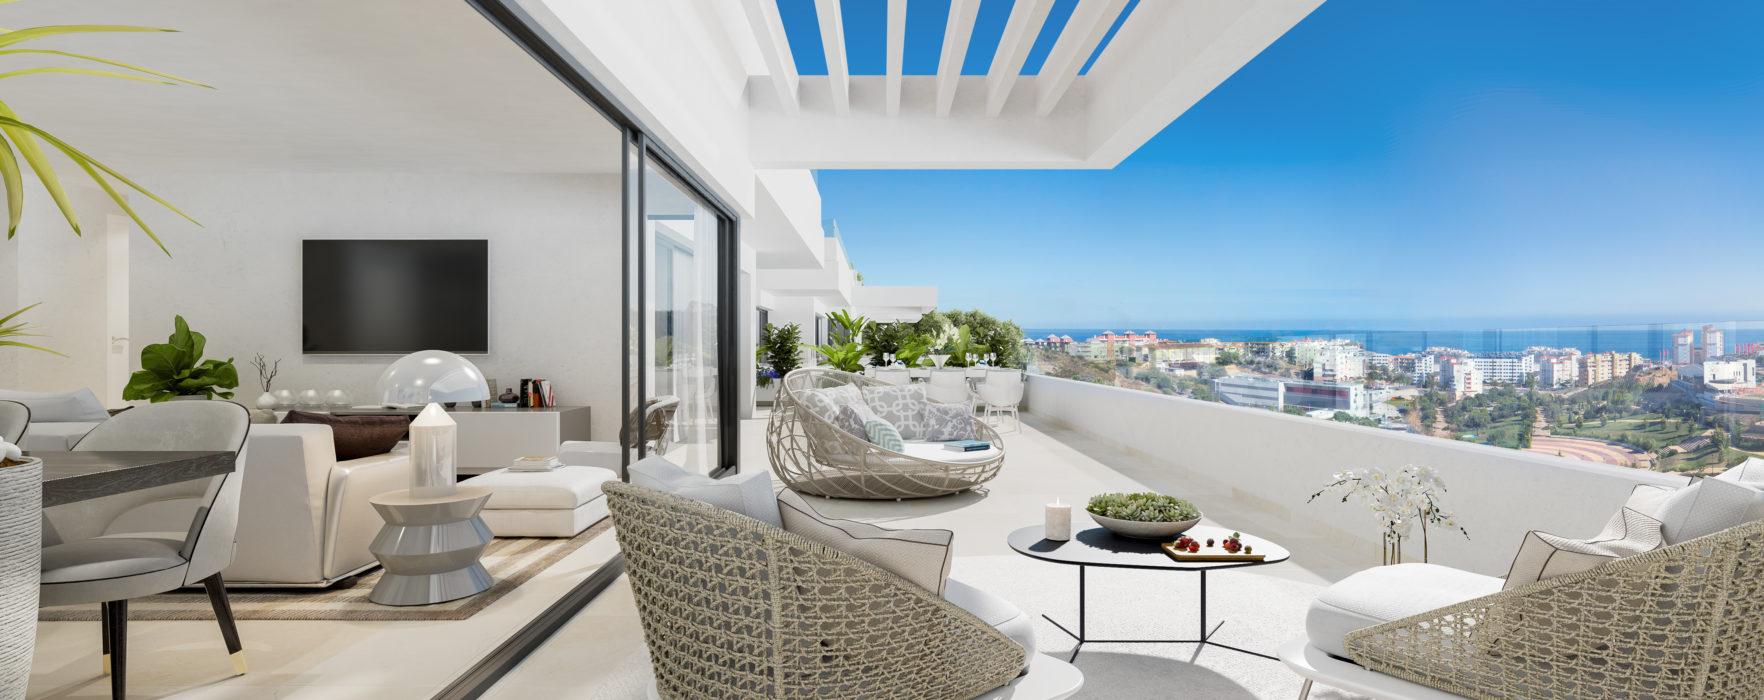 Construyendo la 'terraza' del Mediterráneo: South Bay Las Mesas obtiene la licencia de obras